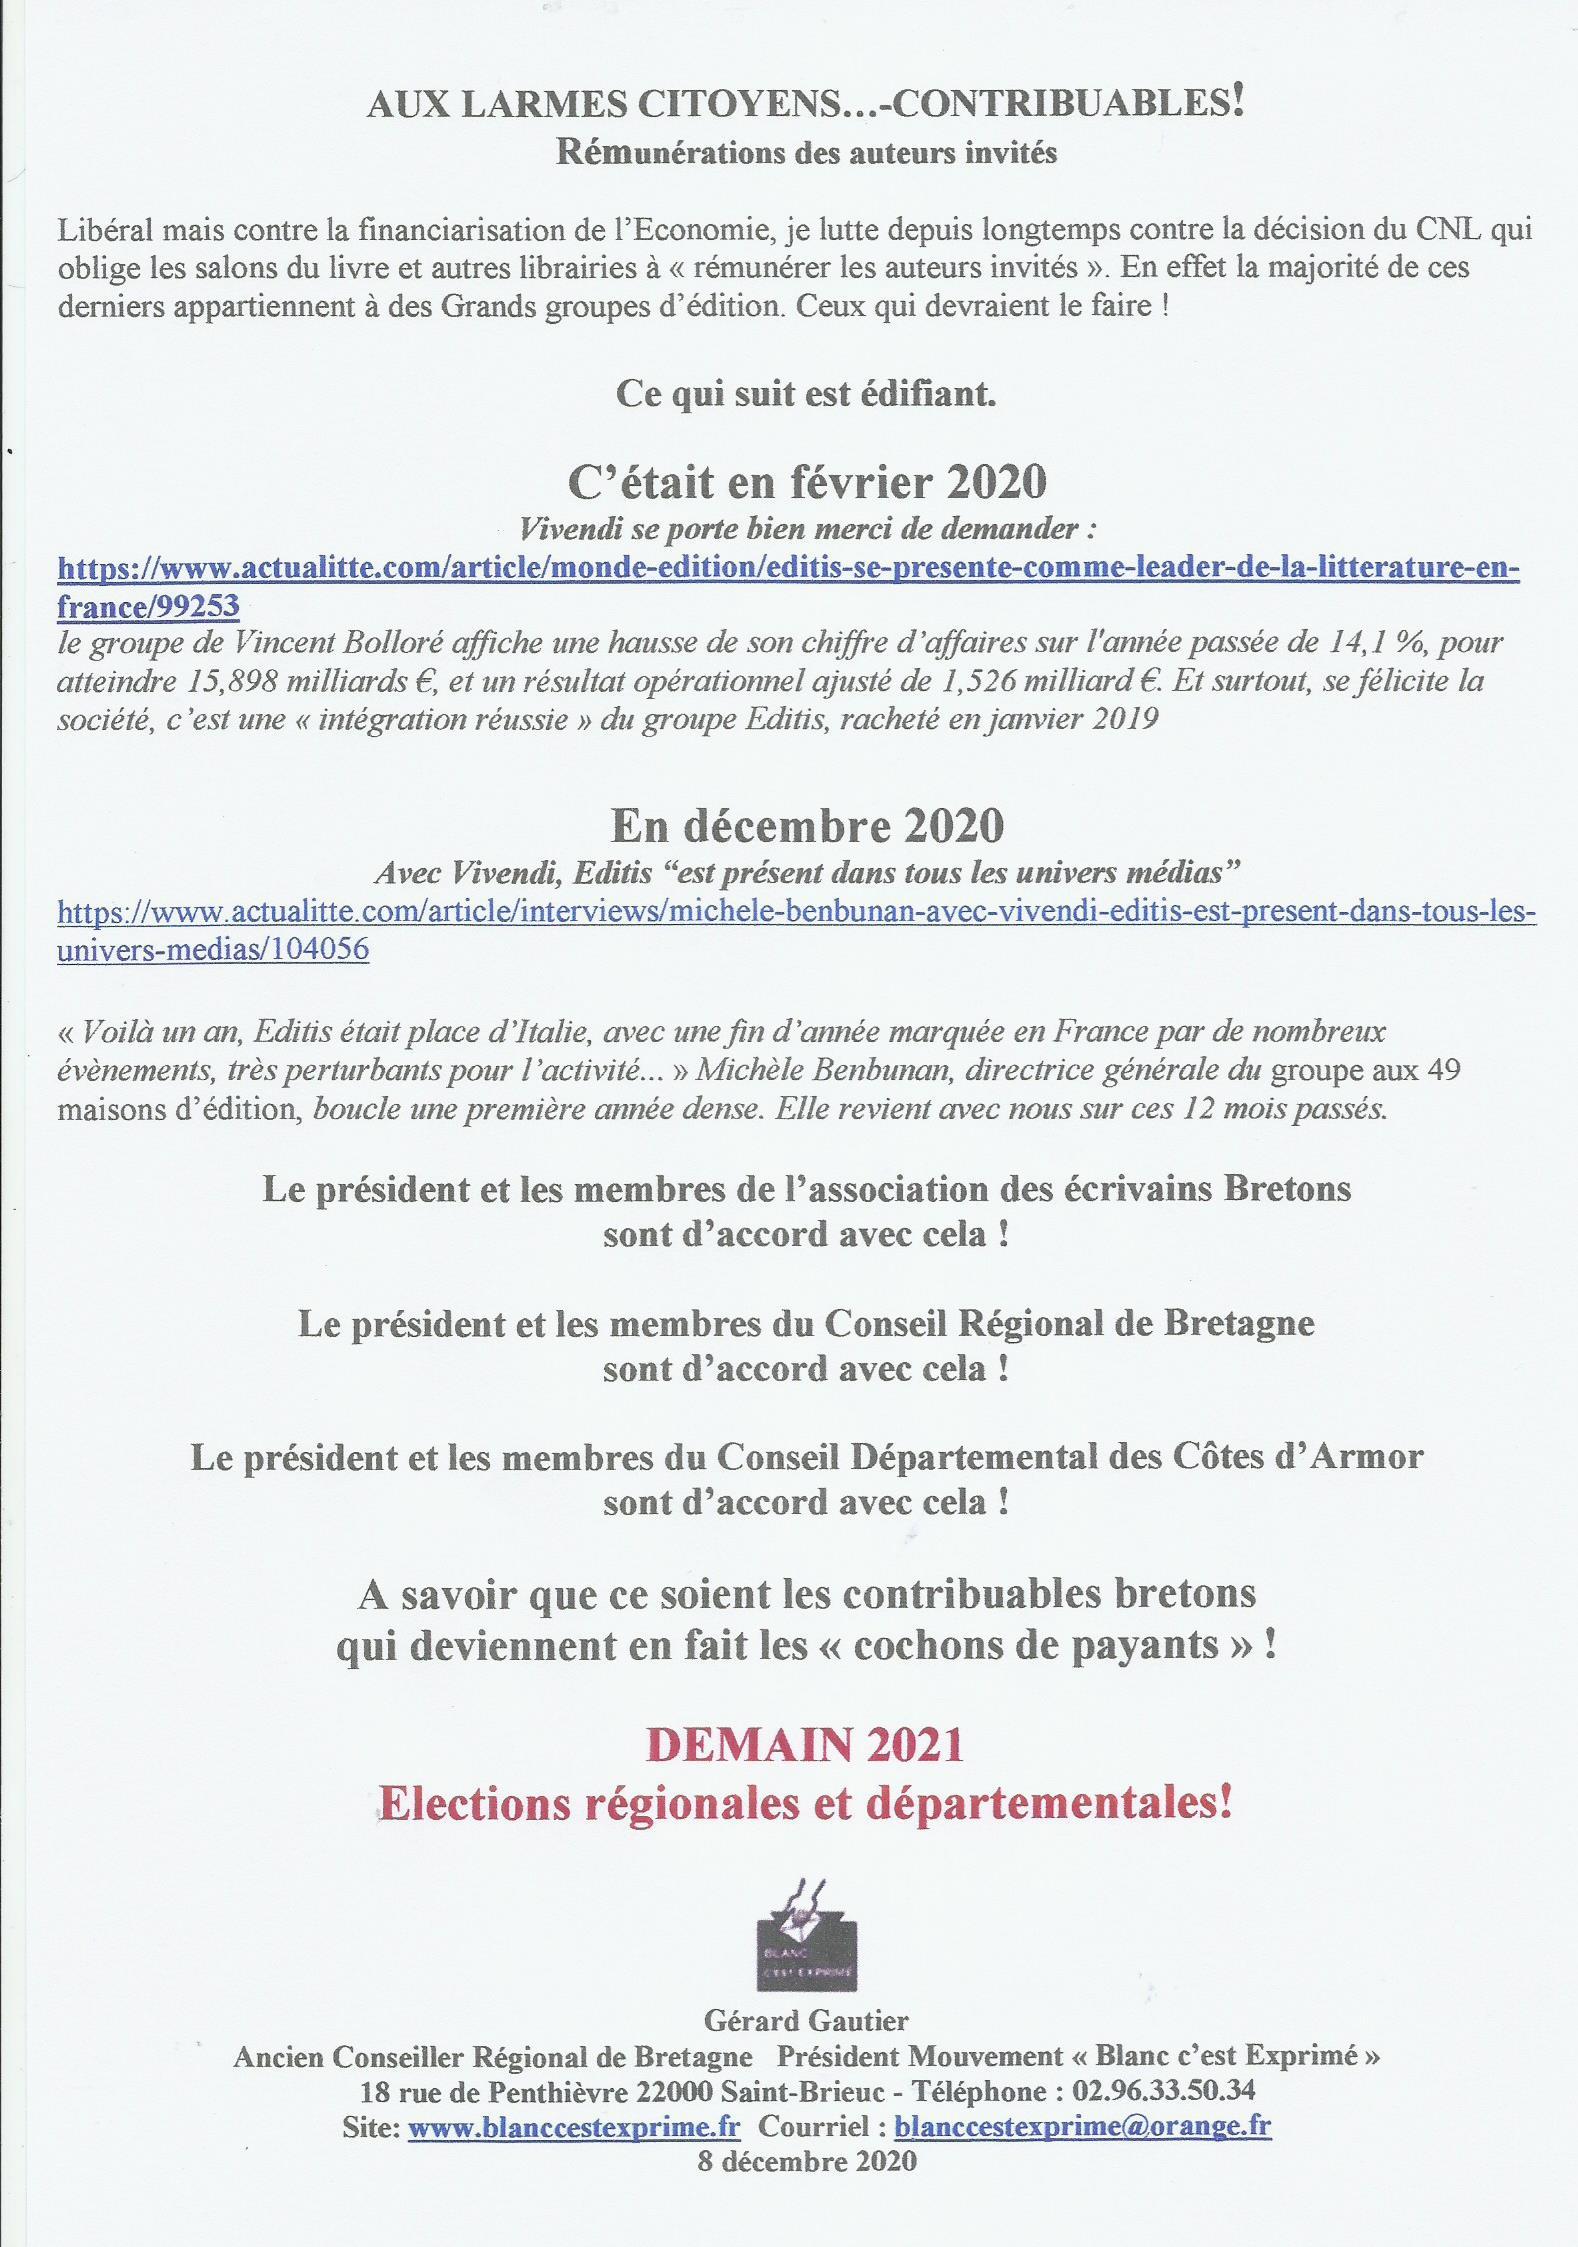 ECHARPE Rémunérations 2020 VIVENDI EDITIS